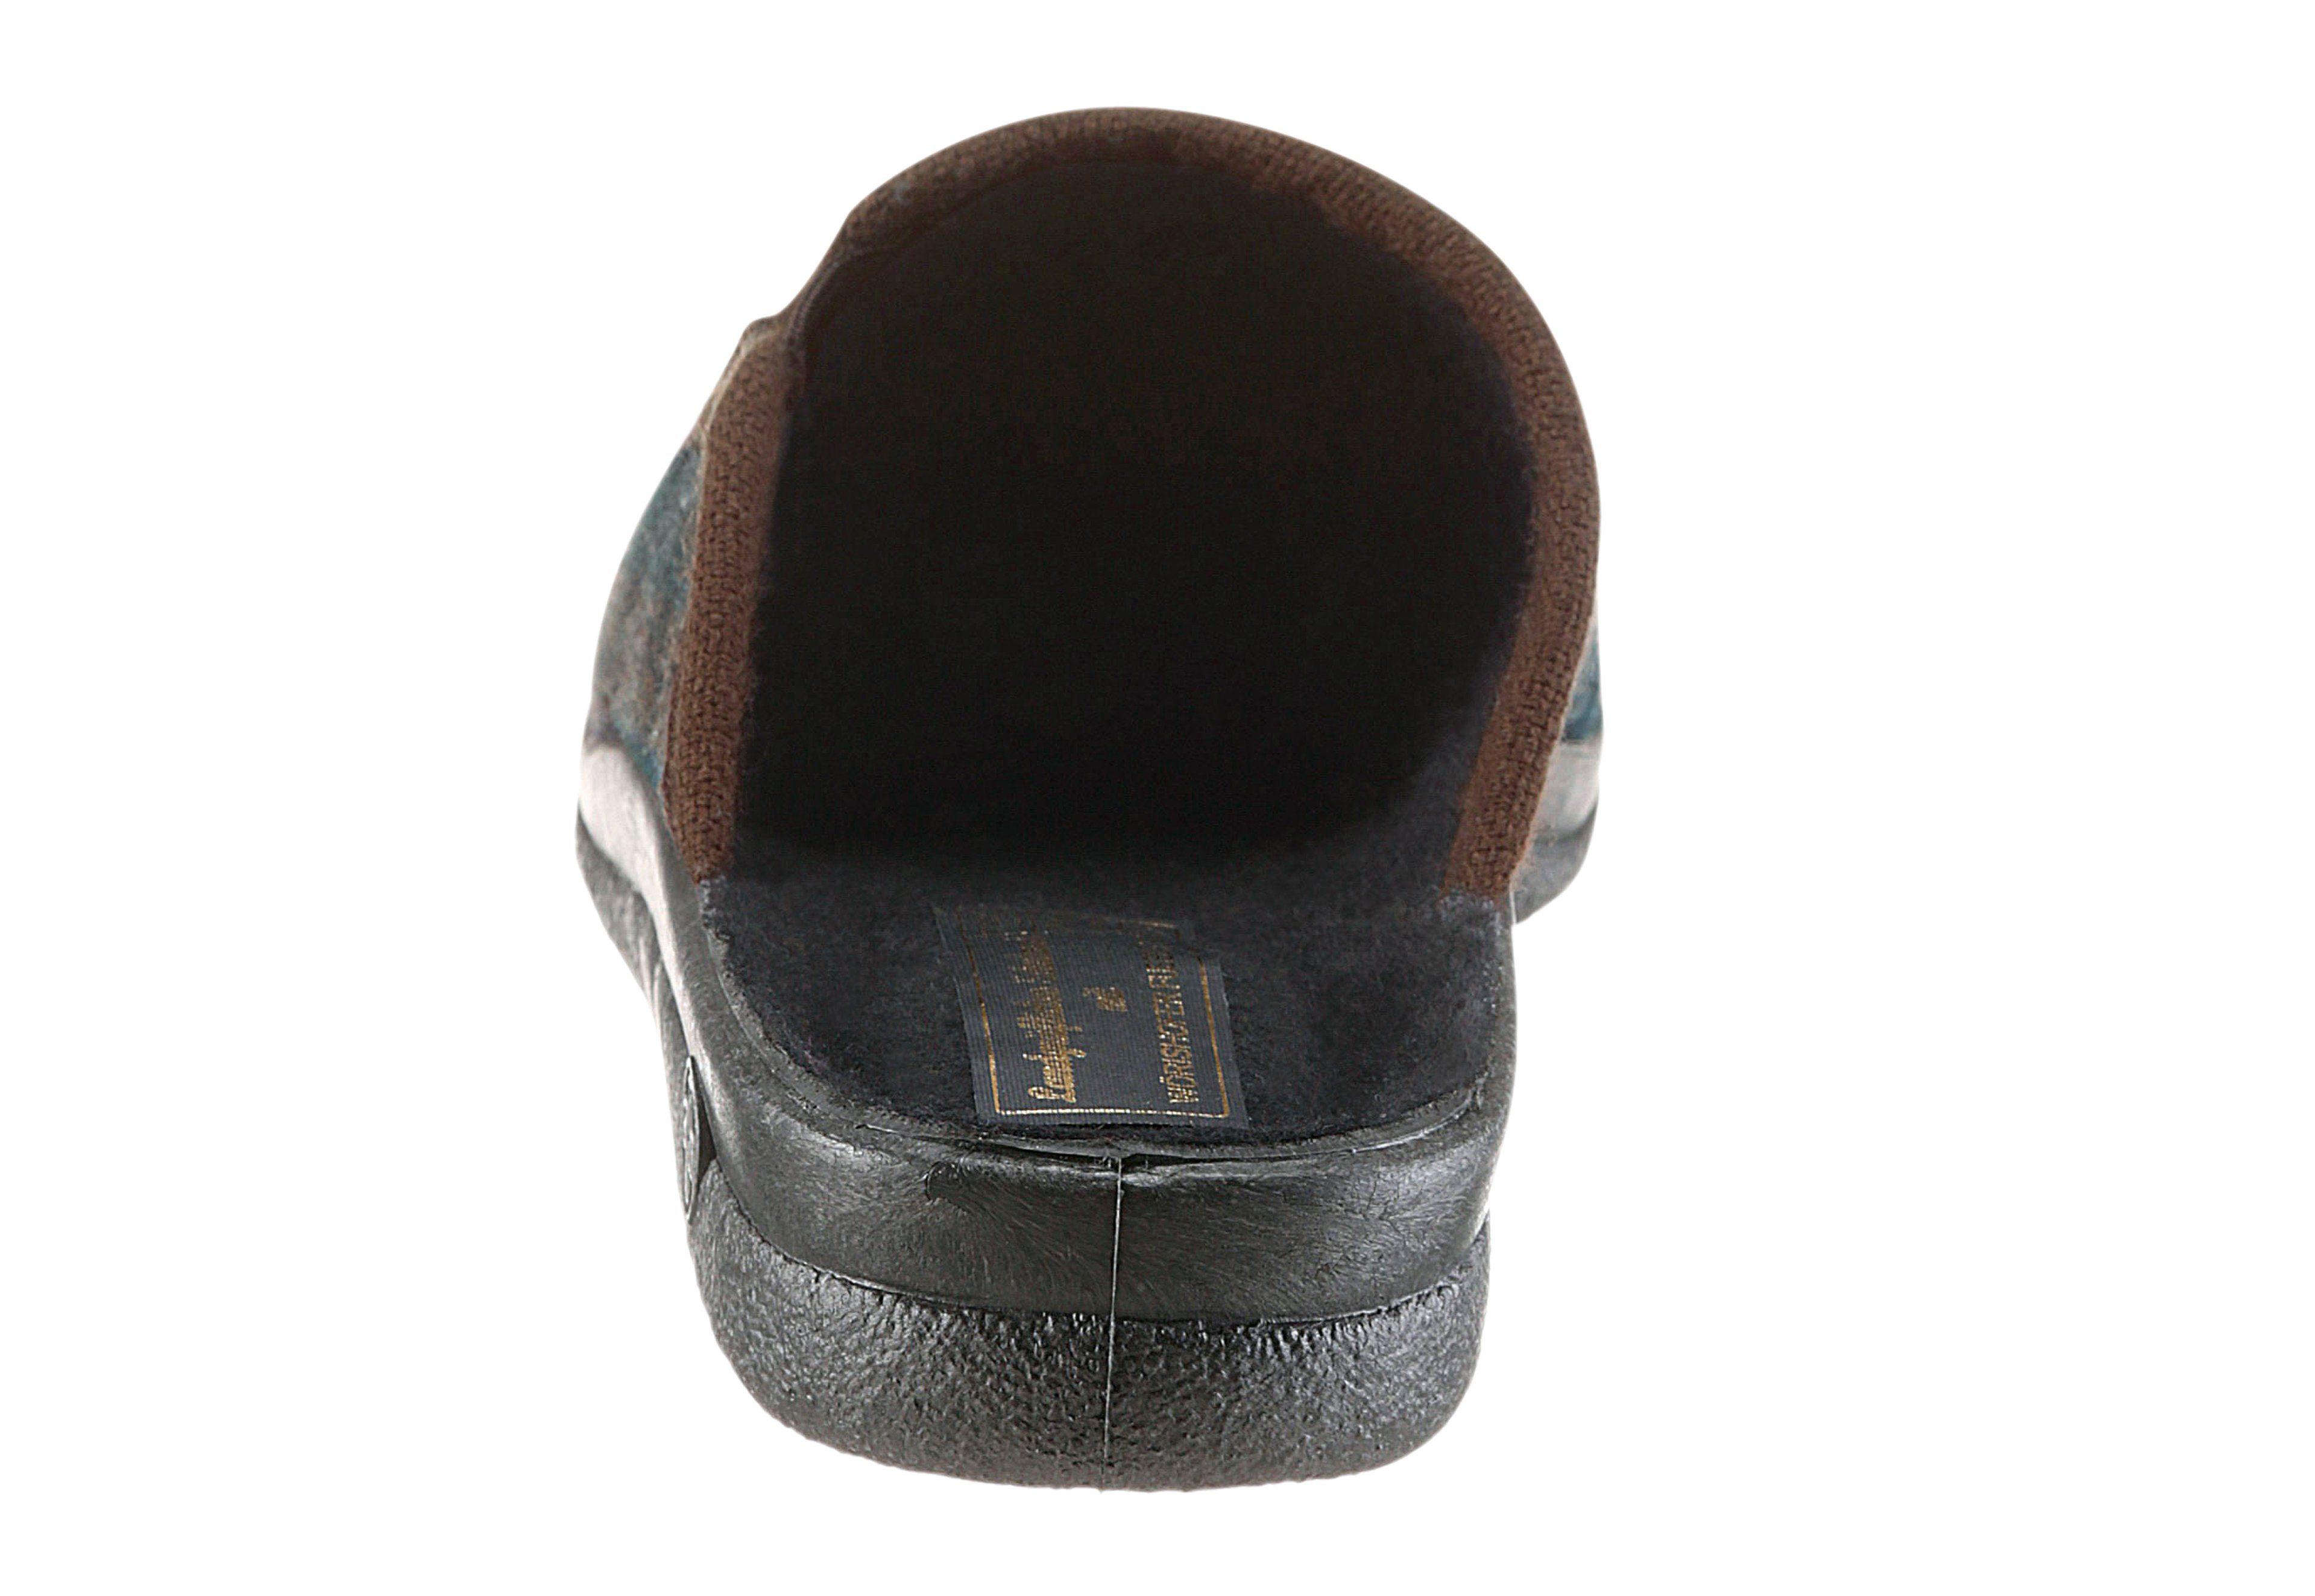 Mit Landgraf kariert Grau 75488892 Artikel Fußbett Pantoffel Wörishofer Kaufen nr OqxqF5g